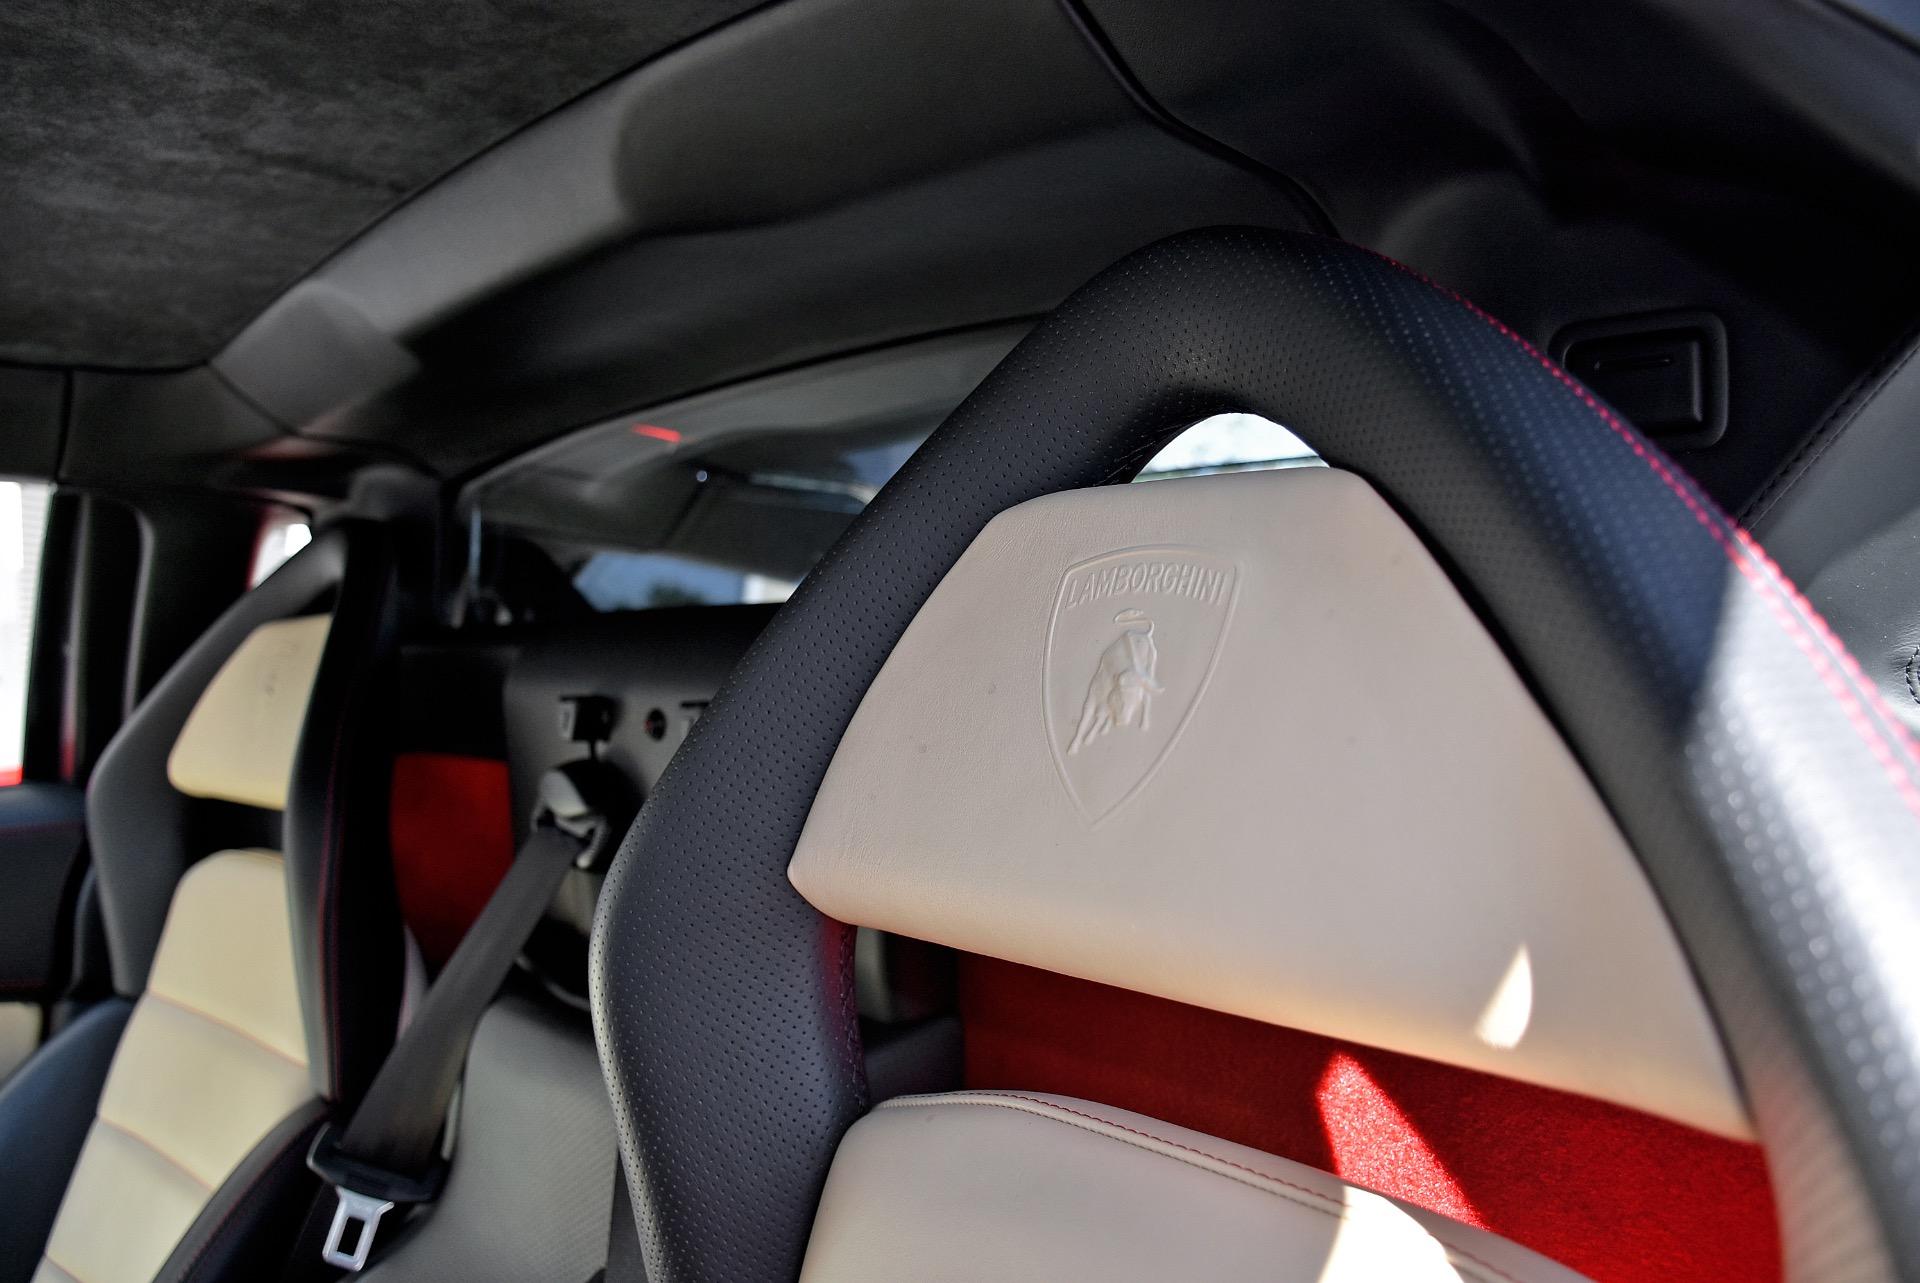 2008 Lamborghini Murcielago LP640 Coupe 2-Door: 2008 LAMBORGHINI MURCIELAGO LP640 COUPE! ROSSO VIK! E-GEAR! NAV! HERMERAS! RARE!